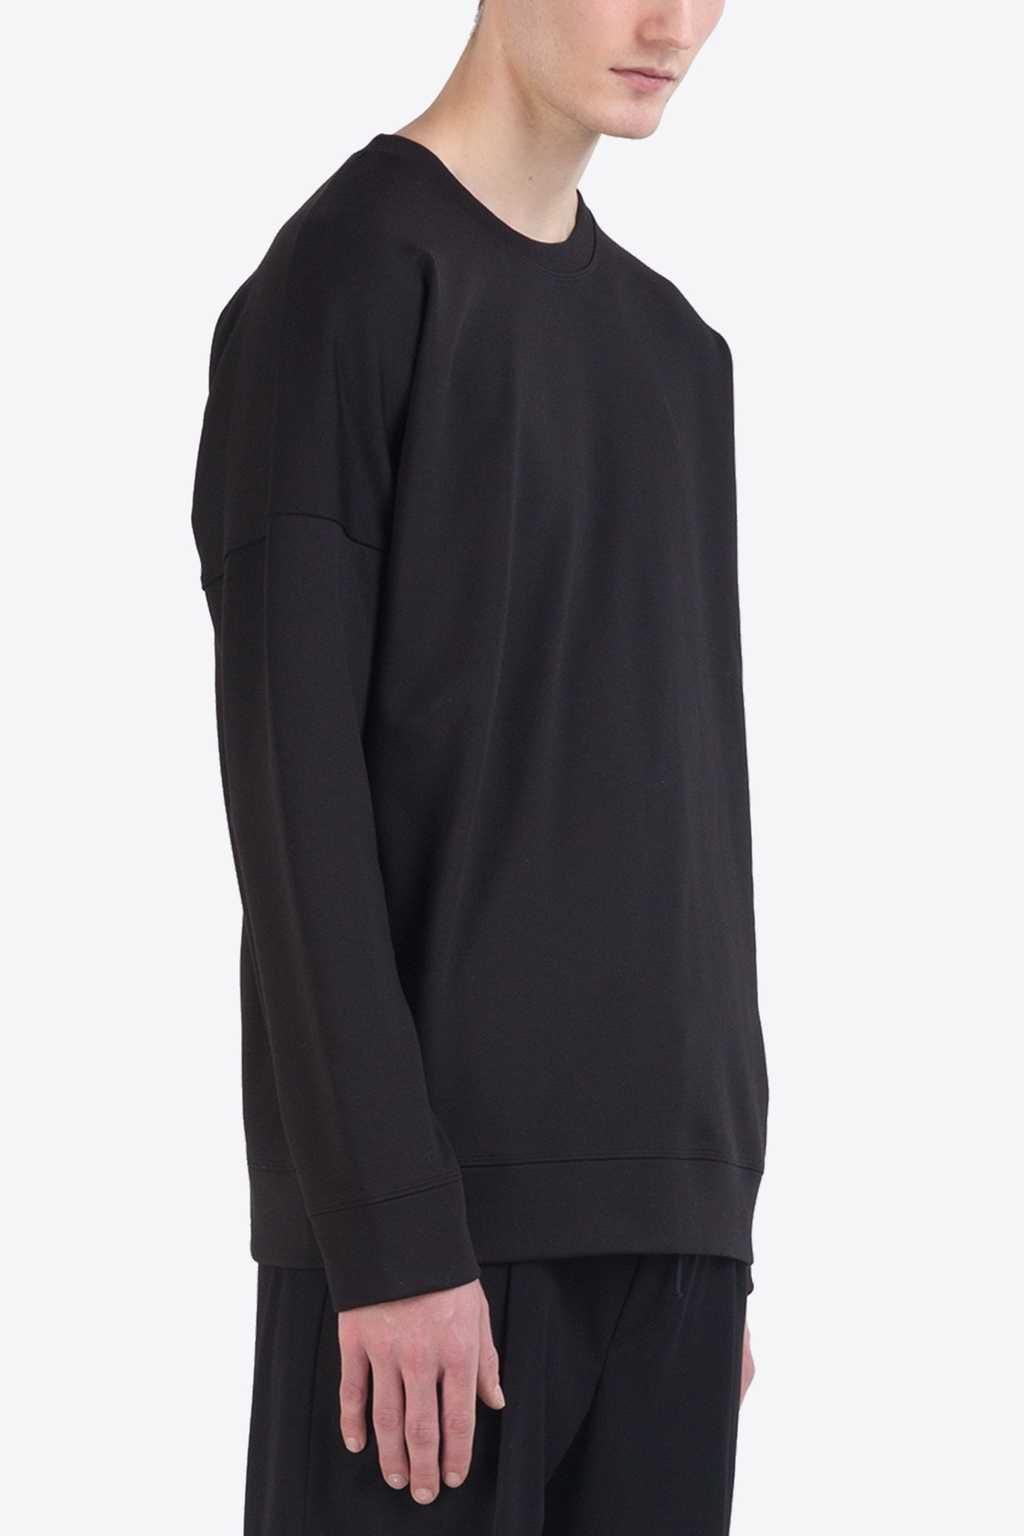 T Shirt 1206 Black 2